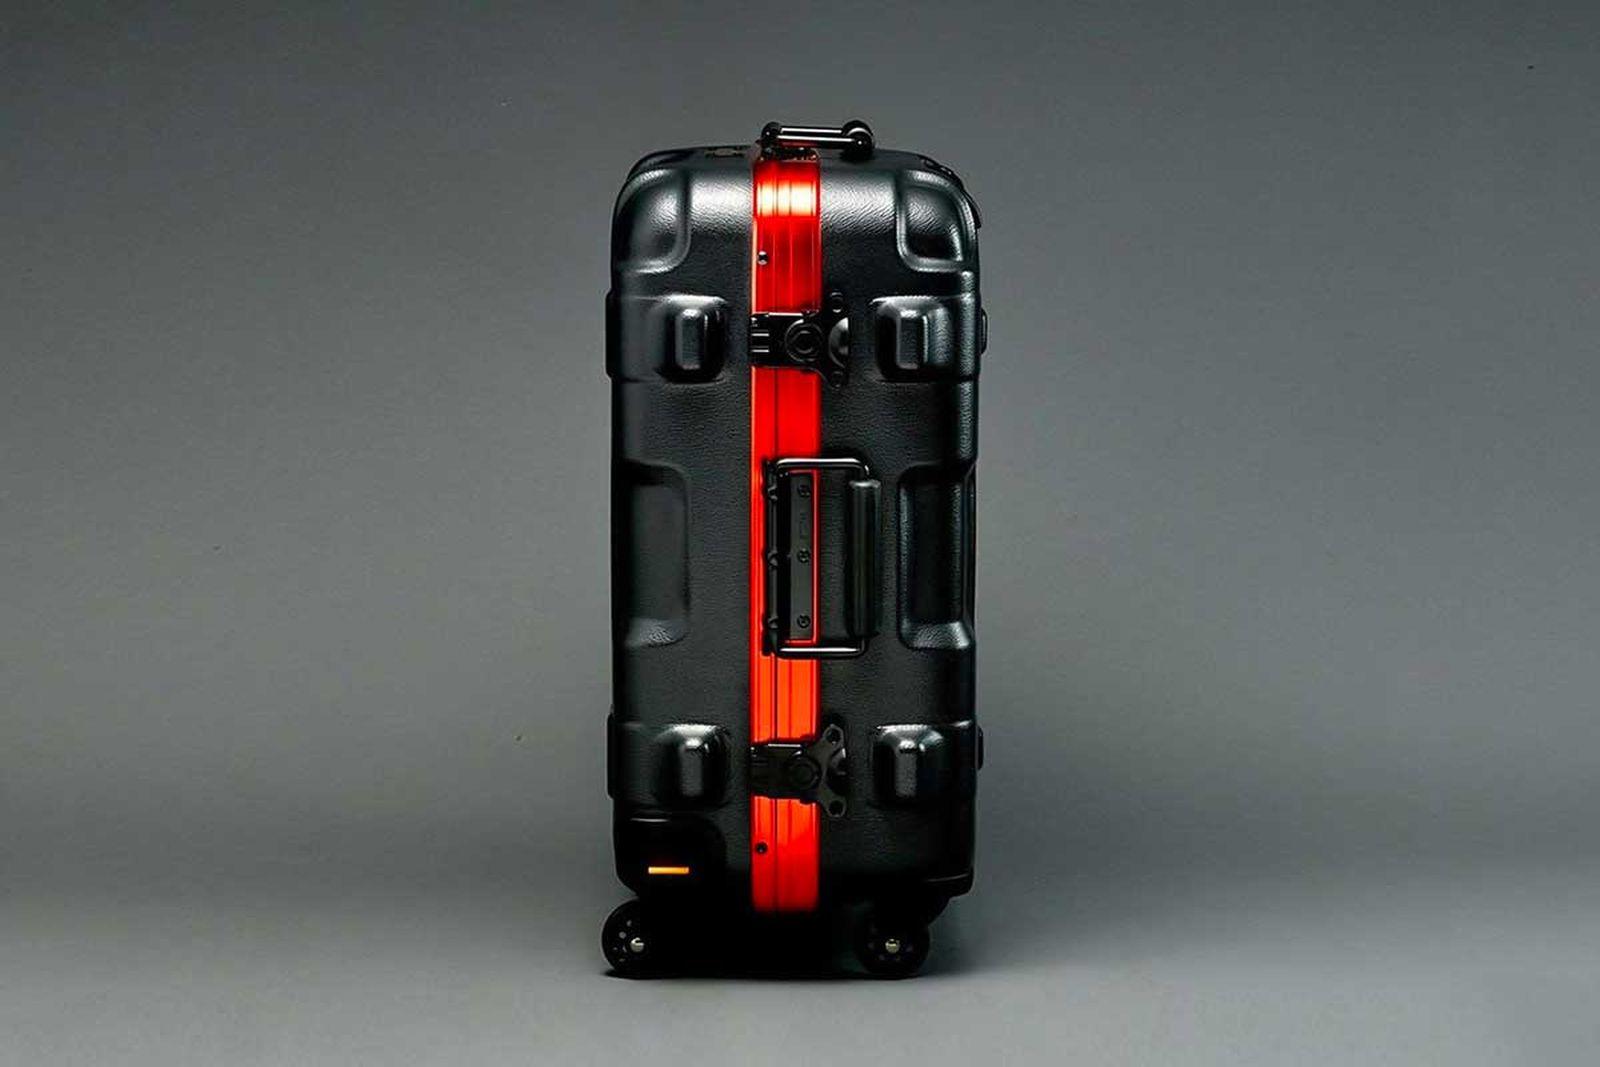 gundam-suitcase-6